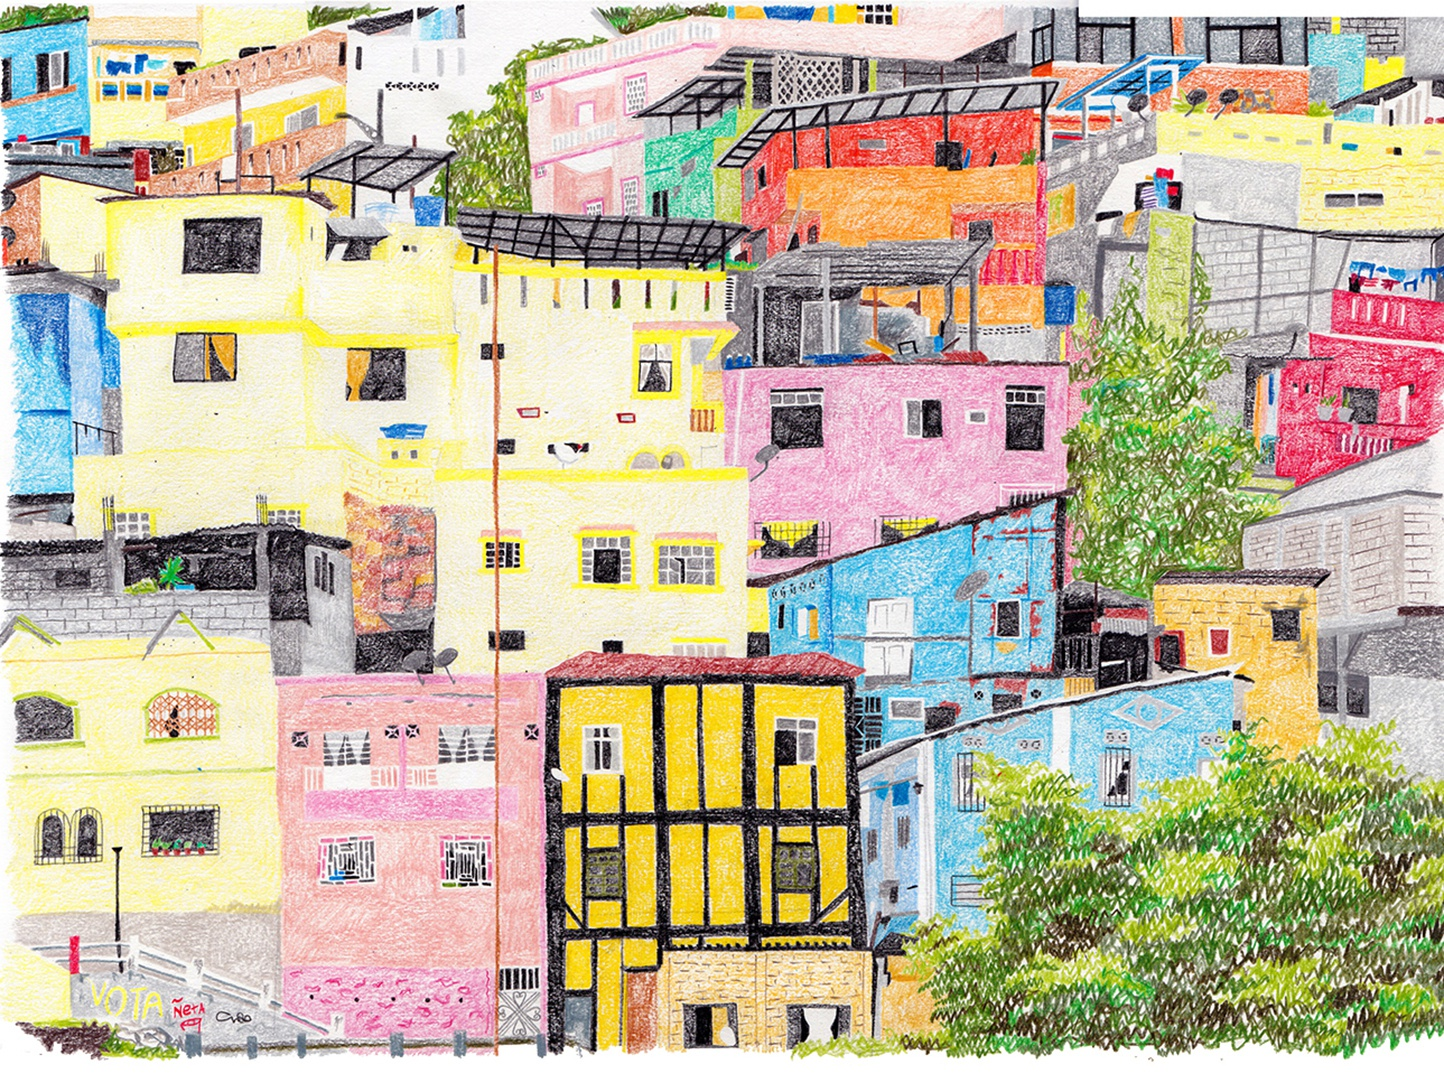 Las Penas illustration drawing art